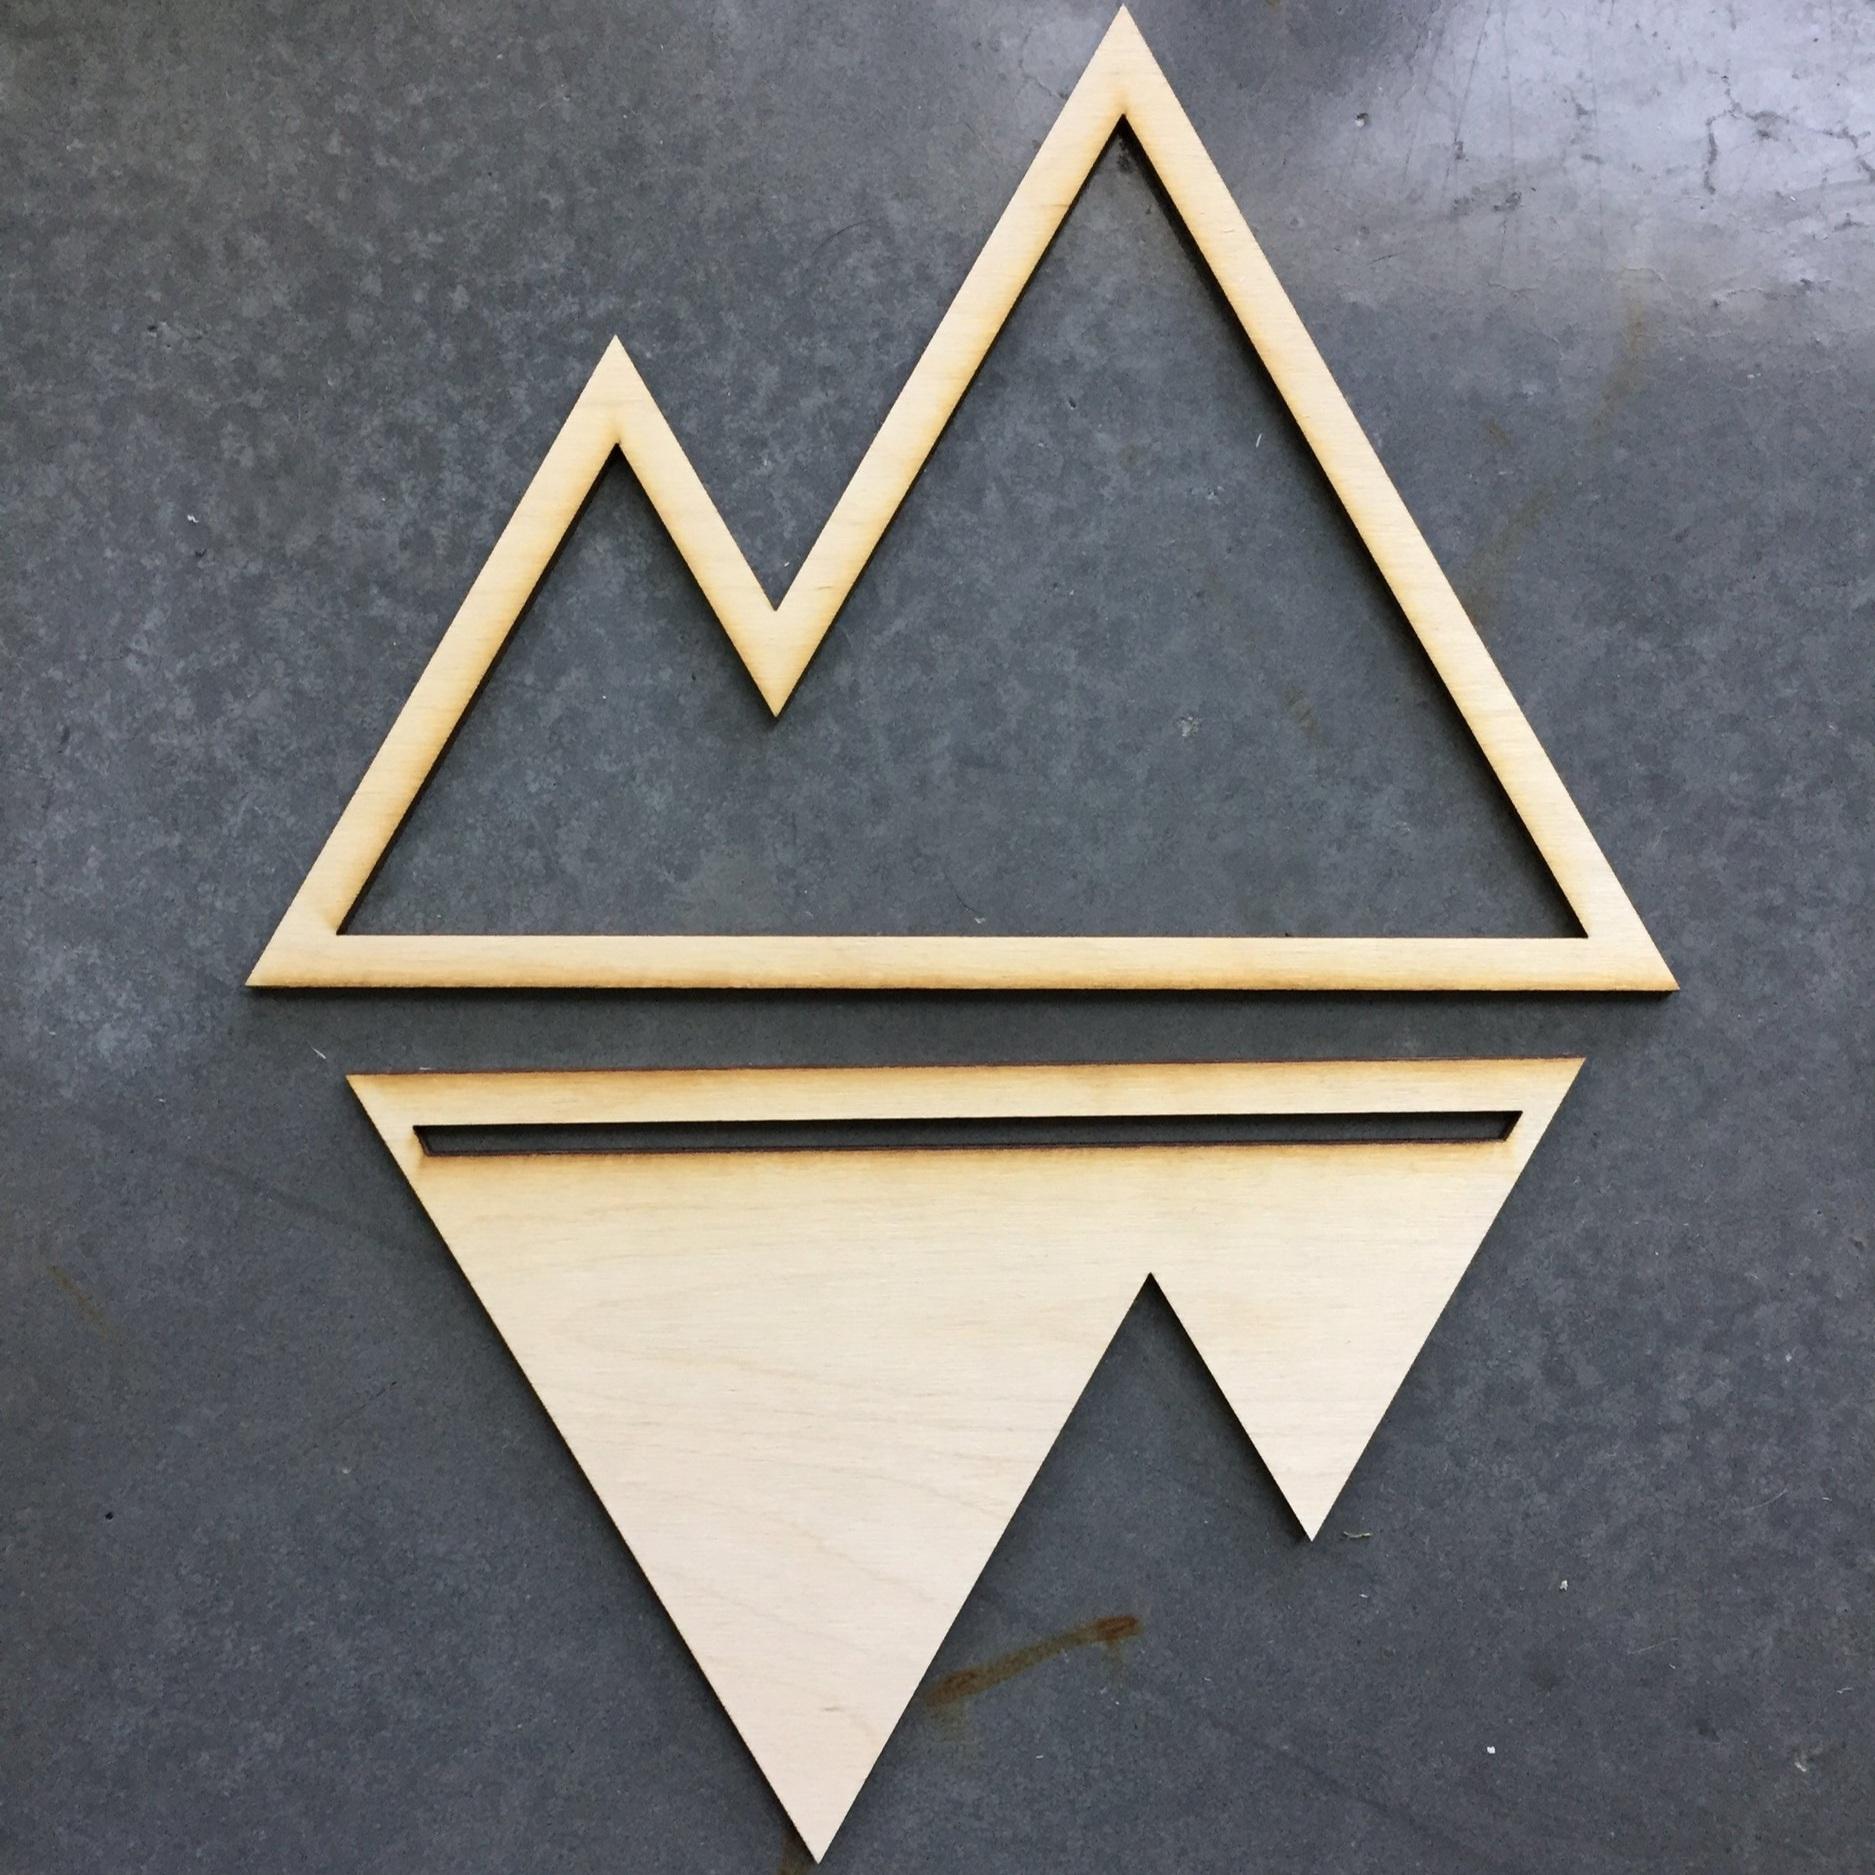 Wood+Mountain+Cutout+%7C+COLLECTANEA